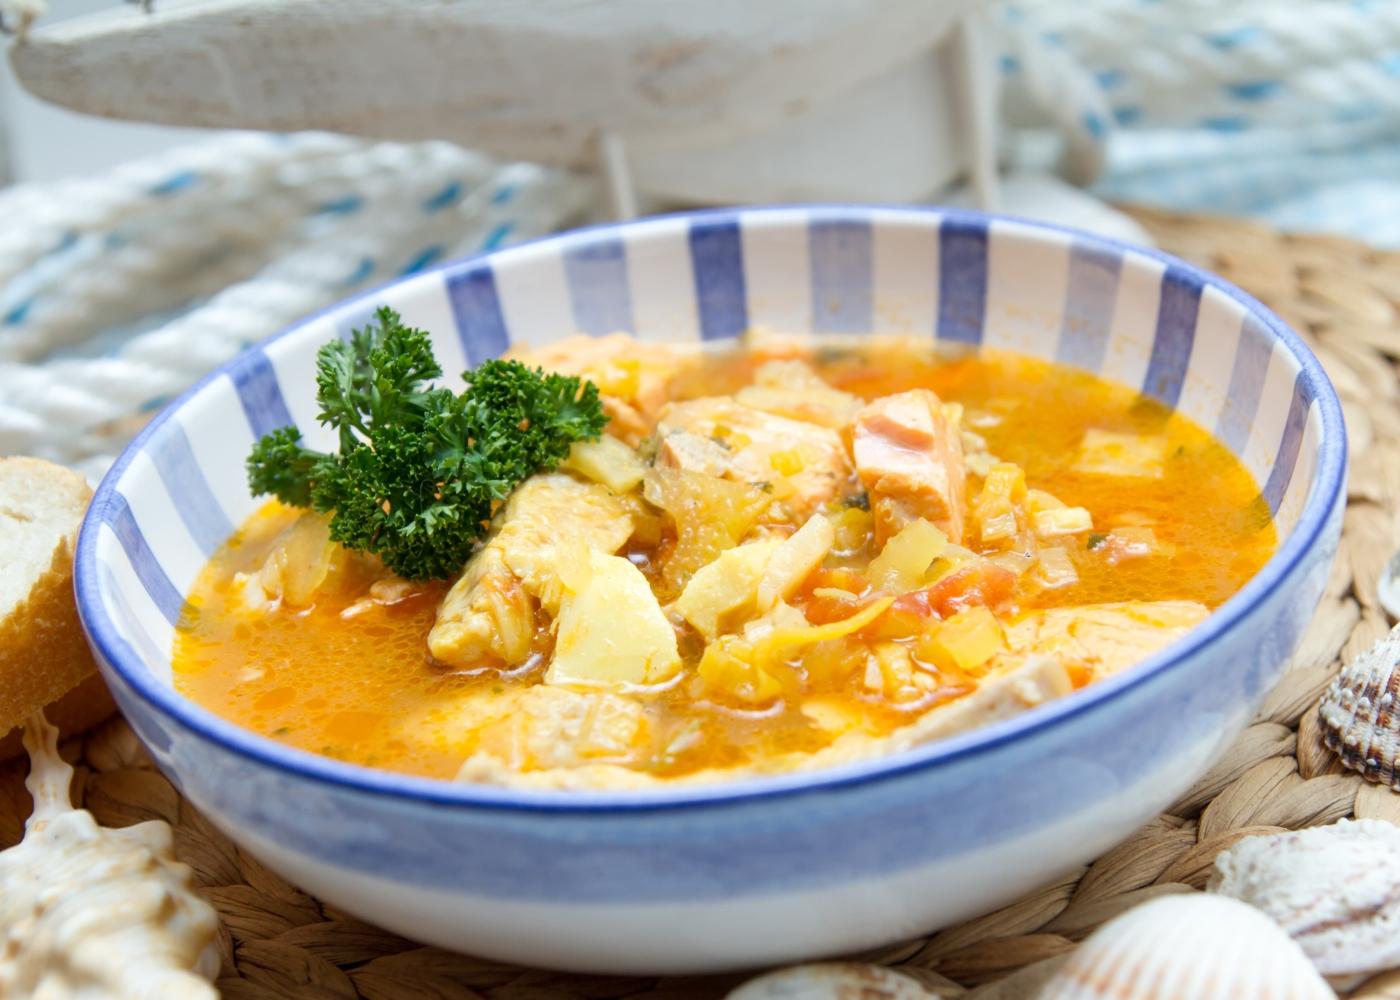 Caldeirada de bacalhau servida num prato fundo